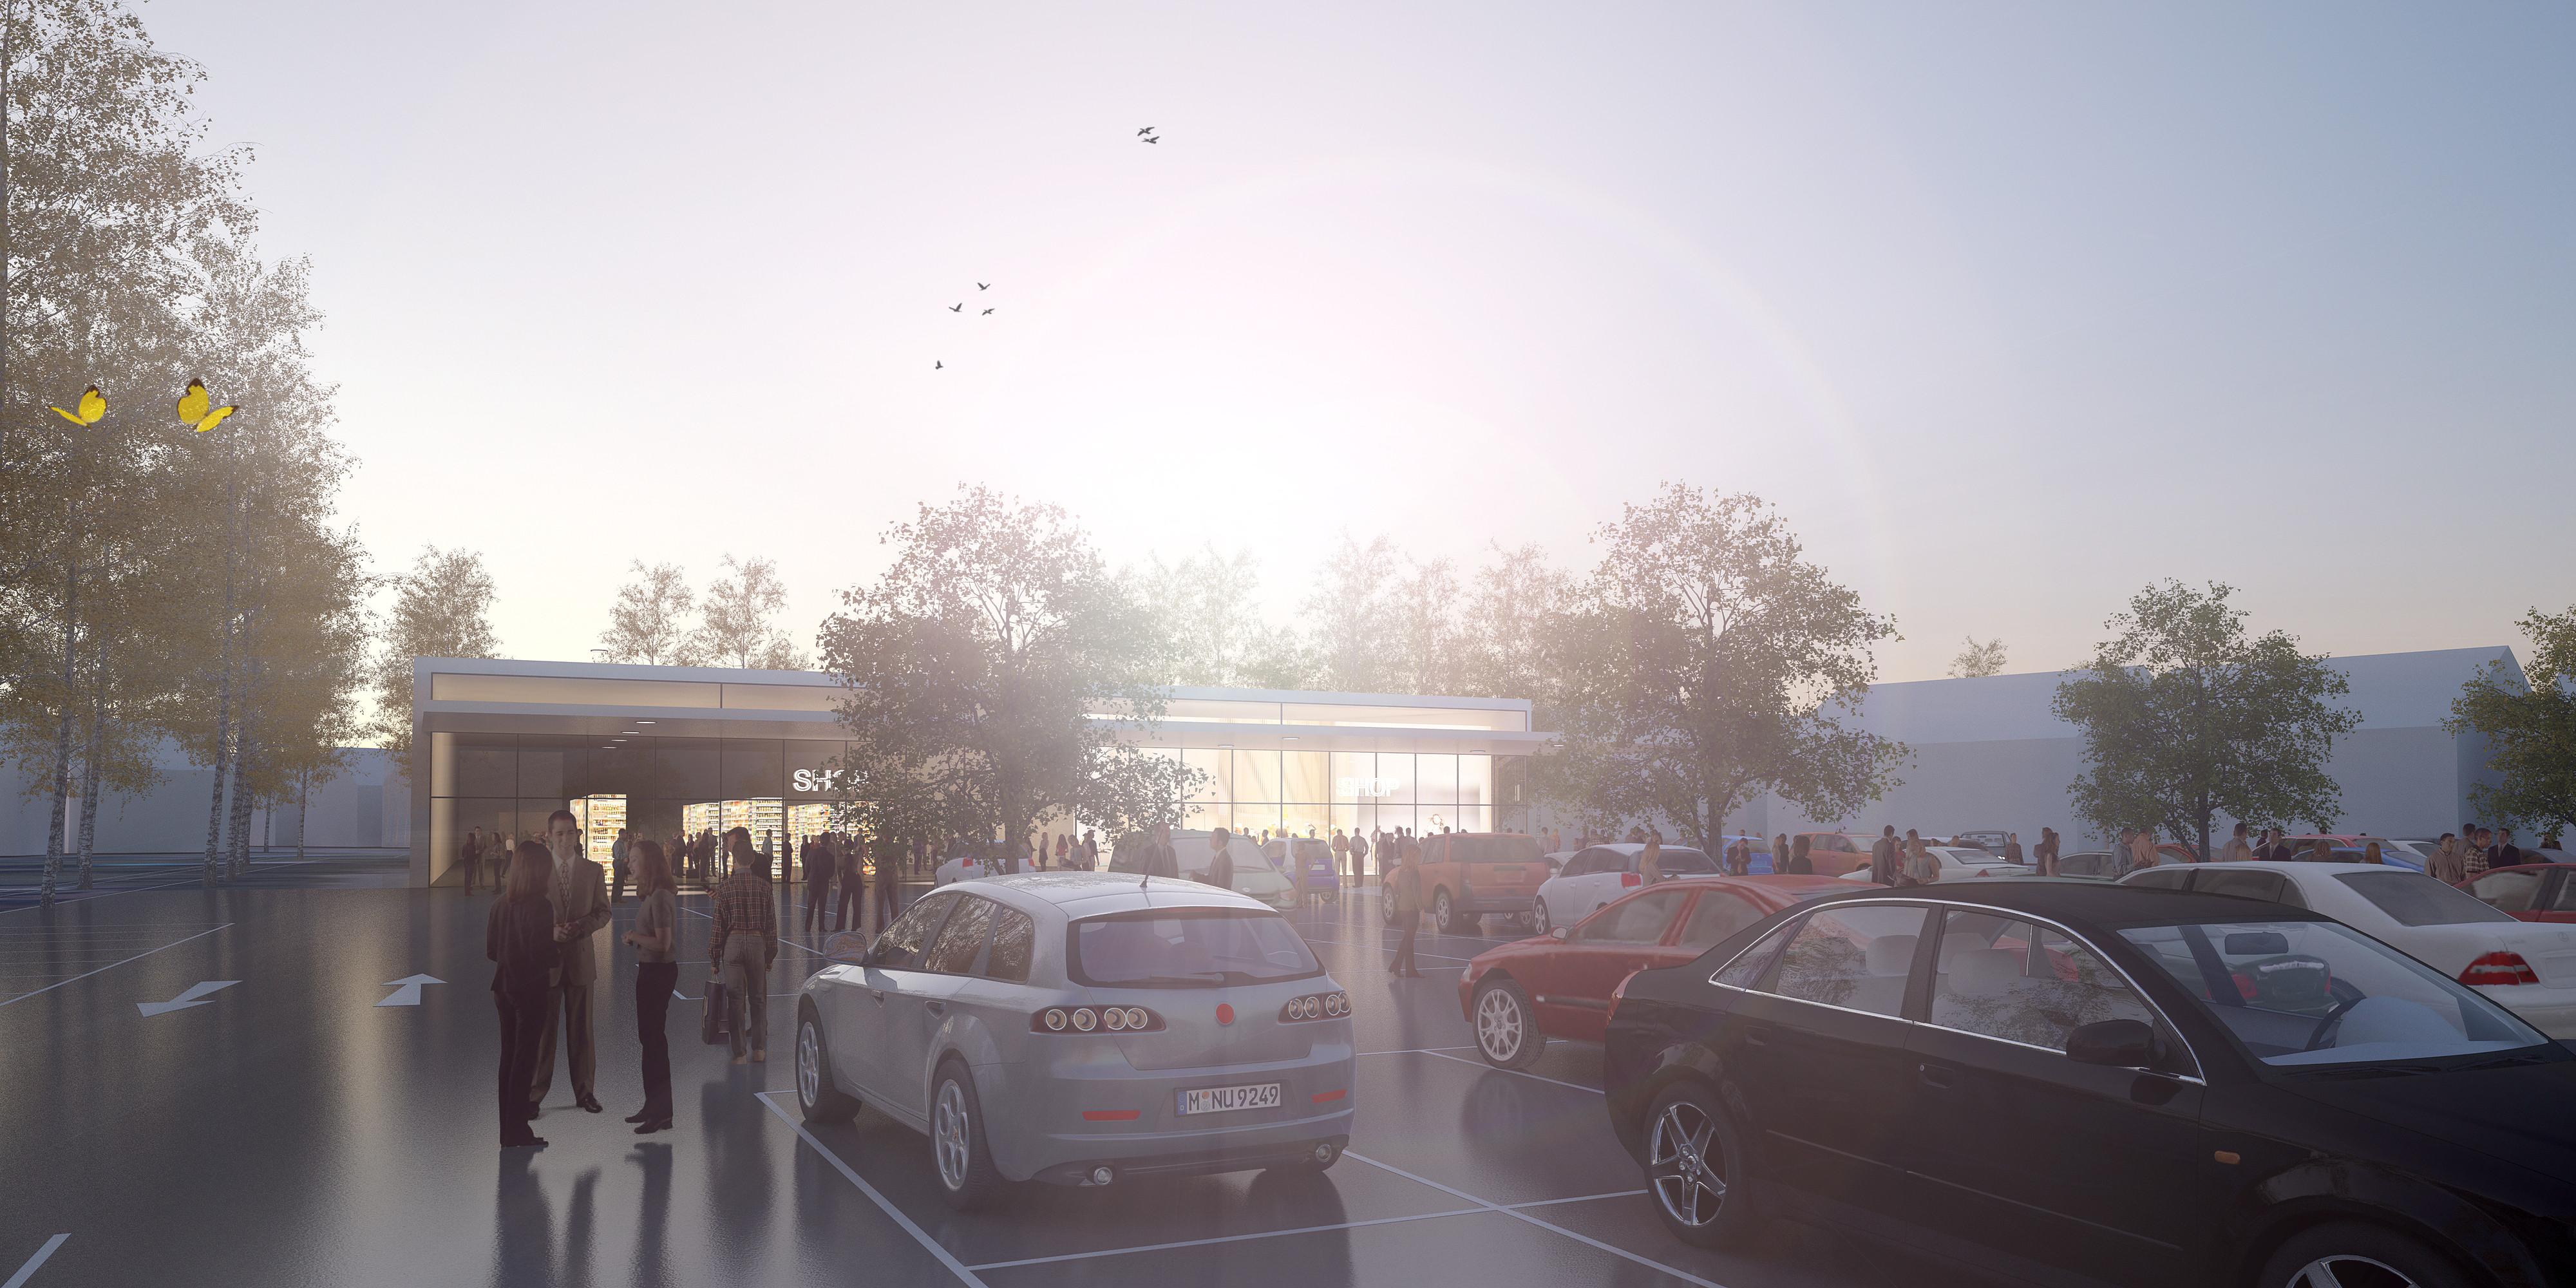 <p>© RUNSER / PRANTL architekten, Kaufpark Vösendorf Erweiterung, 2331 Vösendorf, Niederösterreich, Österreich, 2014, Kaufpark, Einkaufszentrum</p>